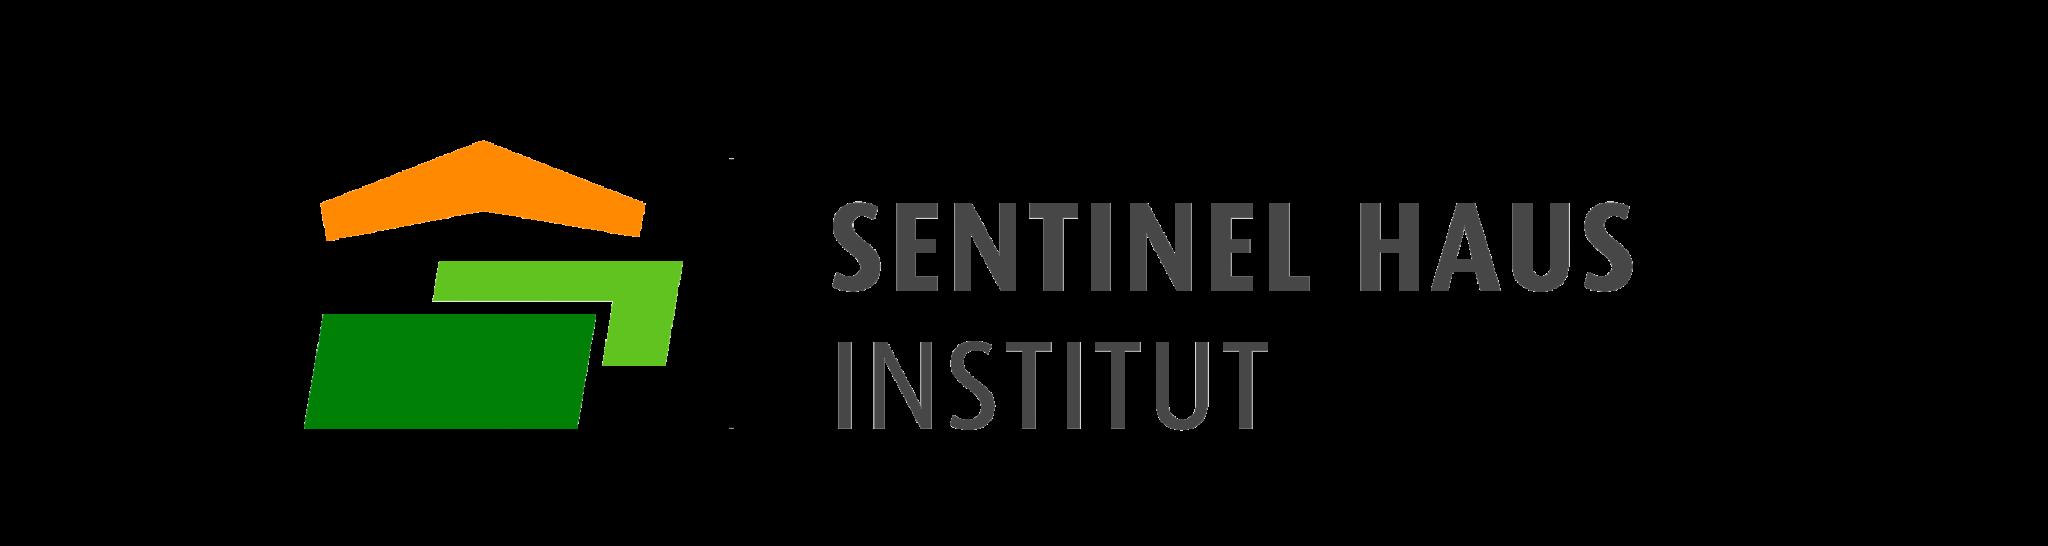 Sentinel Haus Institut Logo